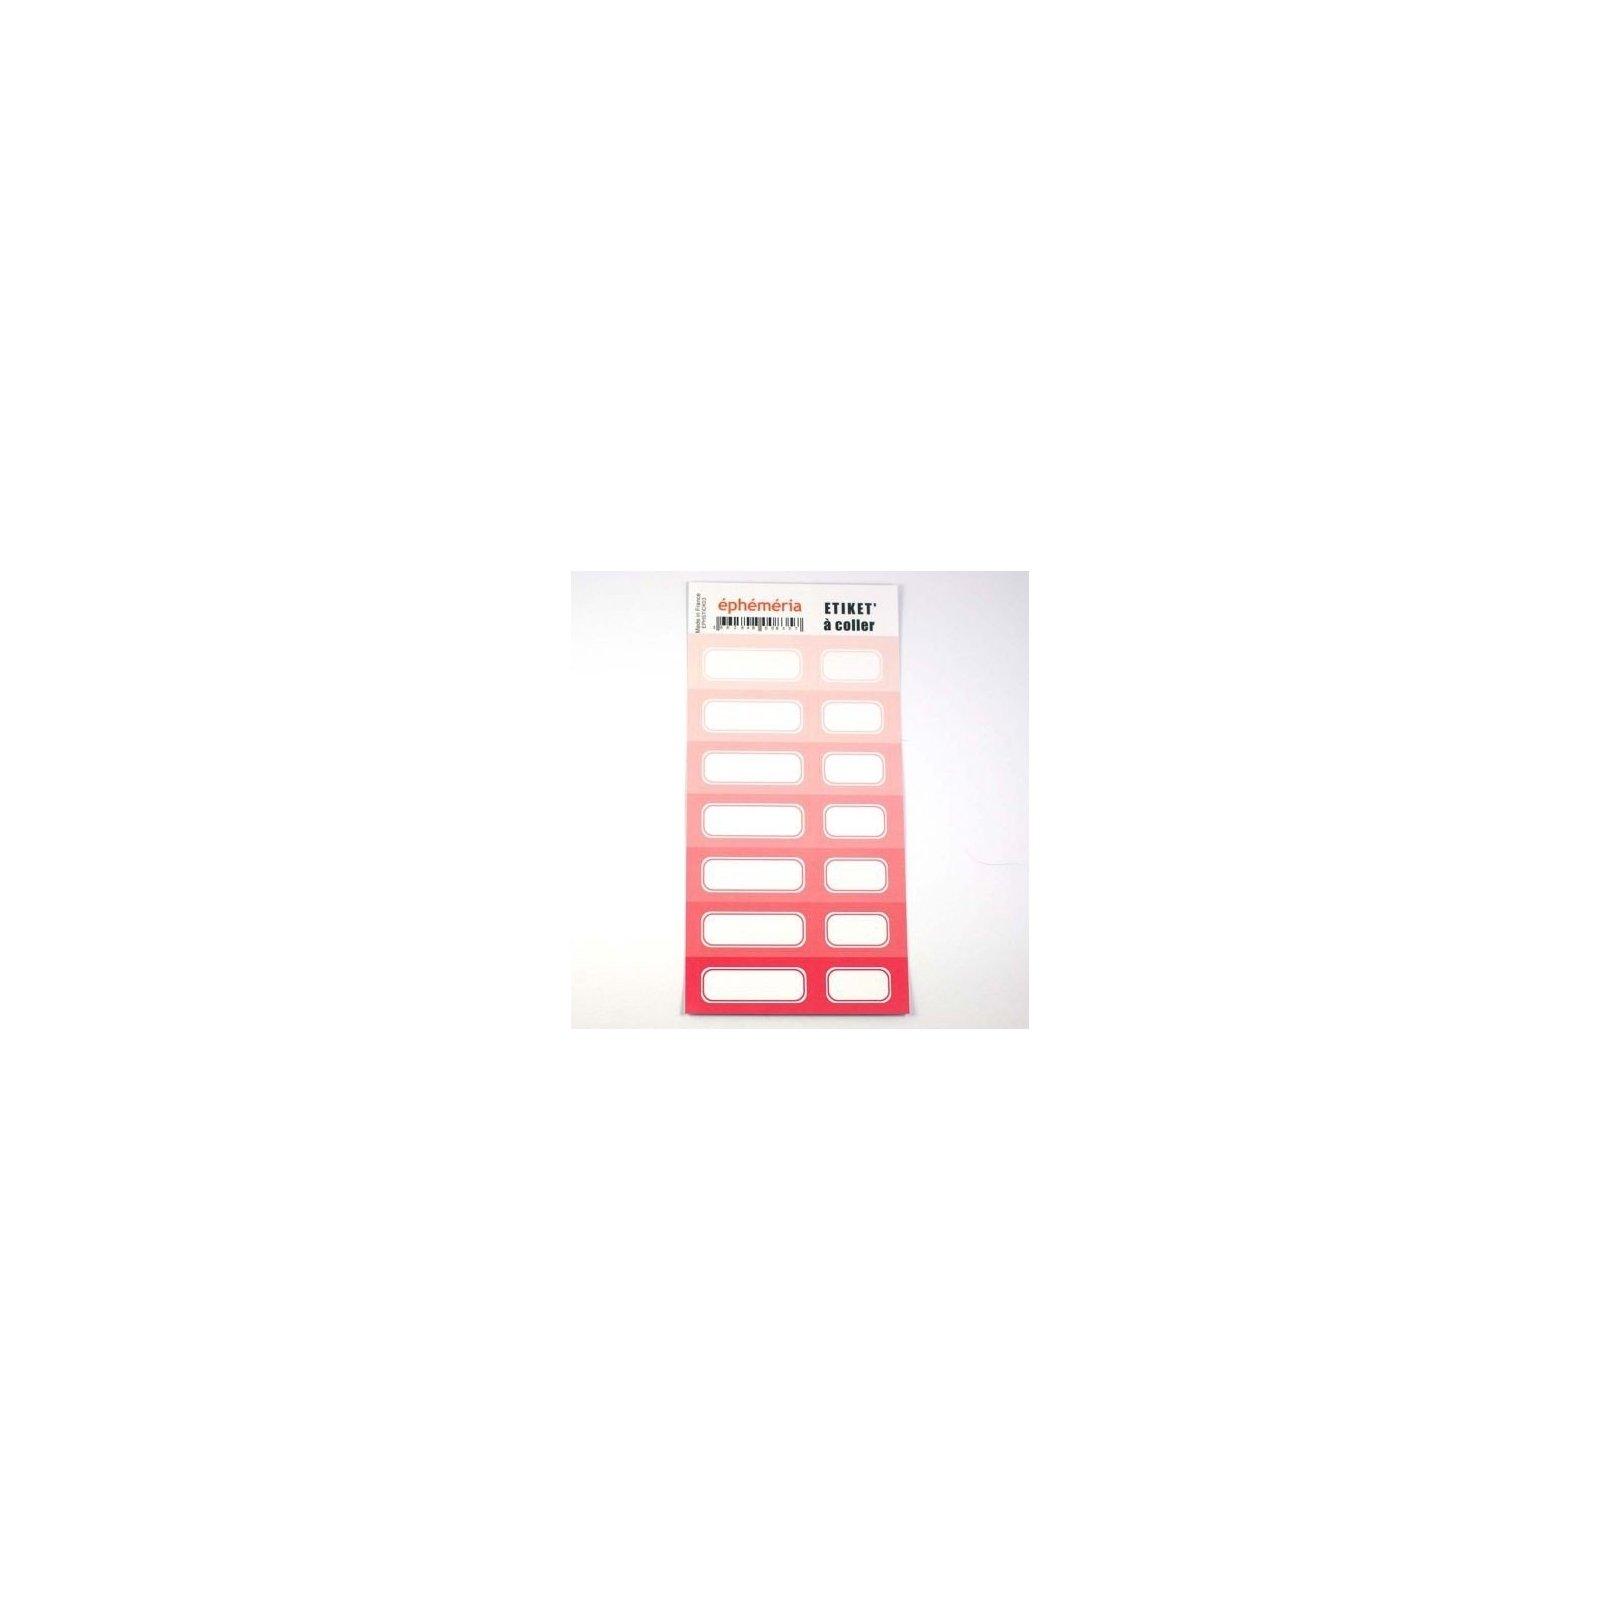 Planche d'étiquettes auto-collantes rose - Ephemeria